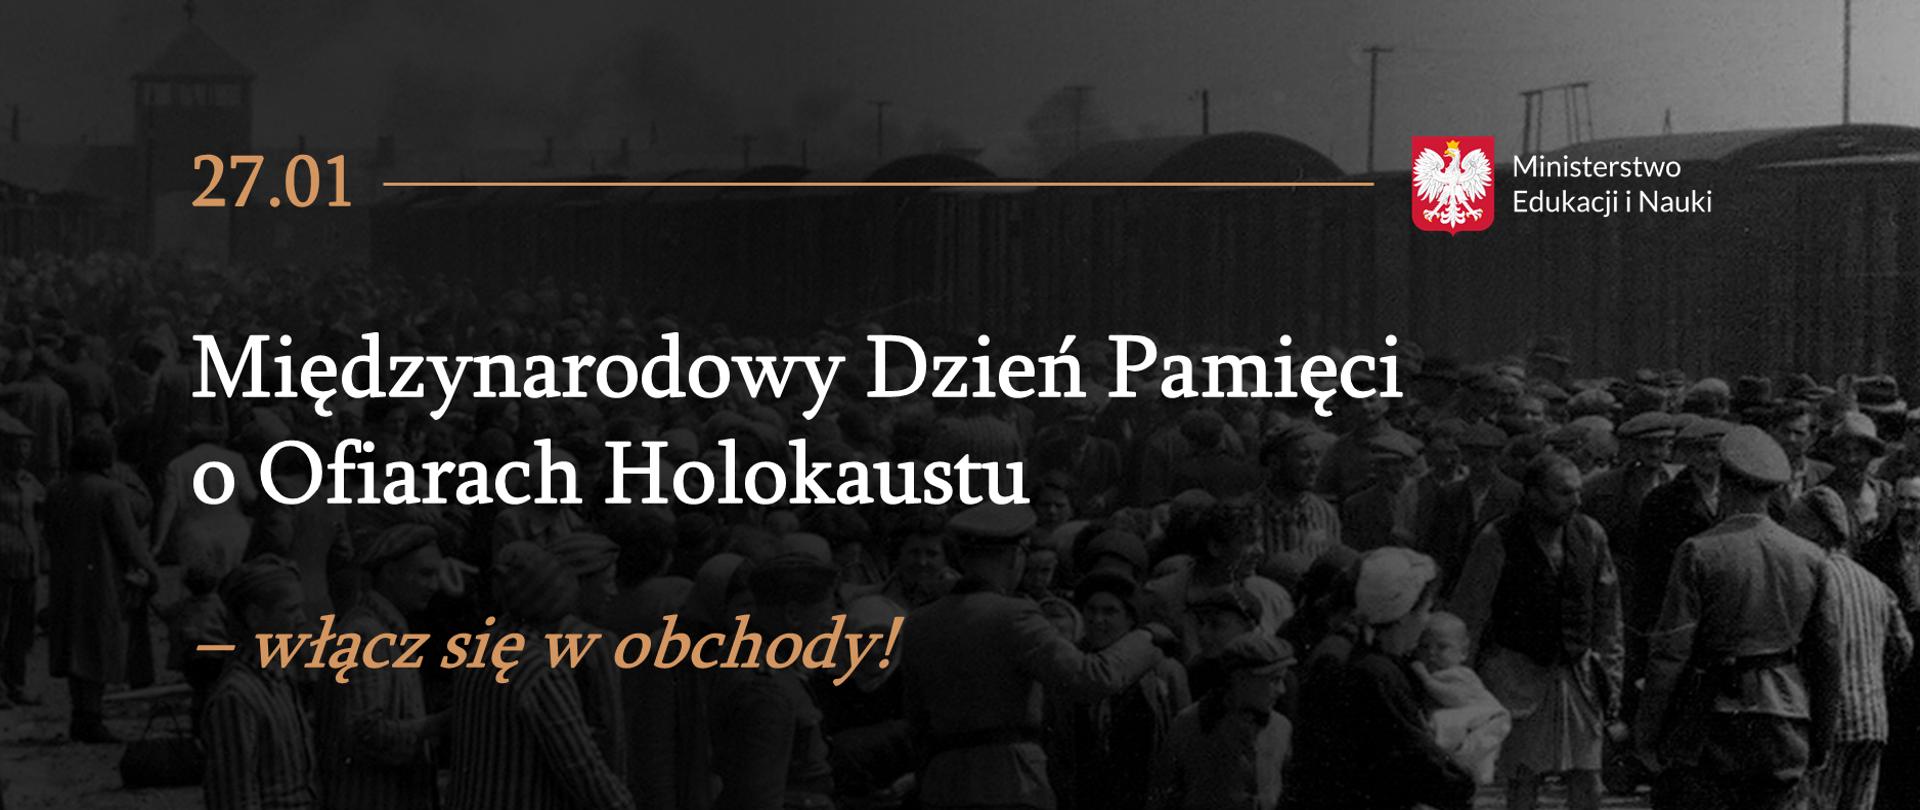 """Archiwalne zdjęcie tłumu ludzi w obozie koncentracyjnym. Na zdjęciu tekst: """"27 stycznia, Międzynarodowy Dzień Pamięci o Ofiarach Holokaustu – włącz się w obchody!"""""""